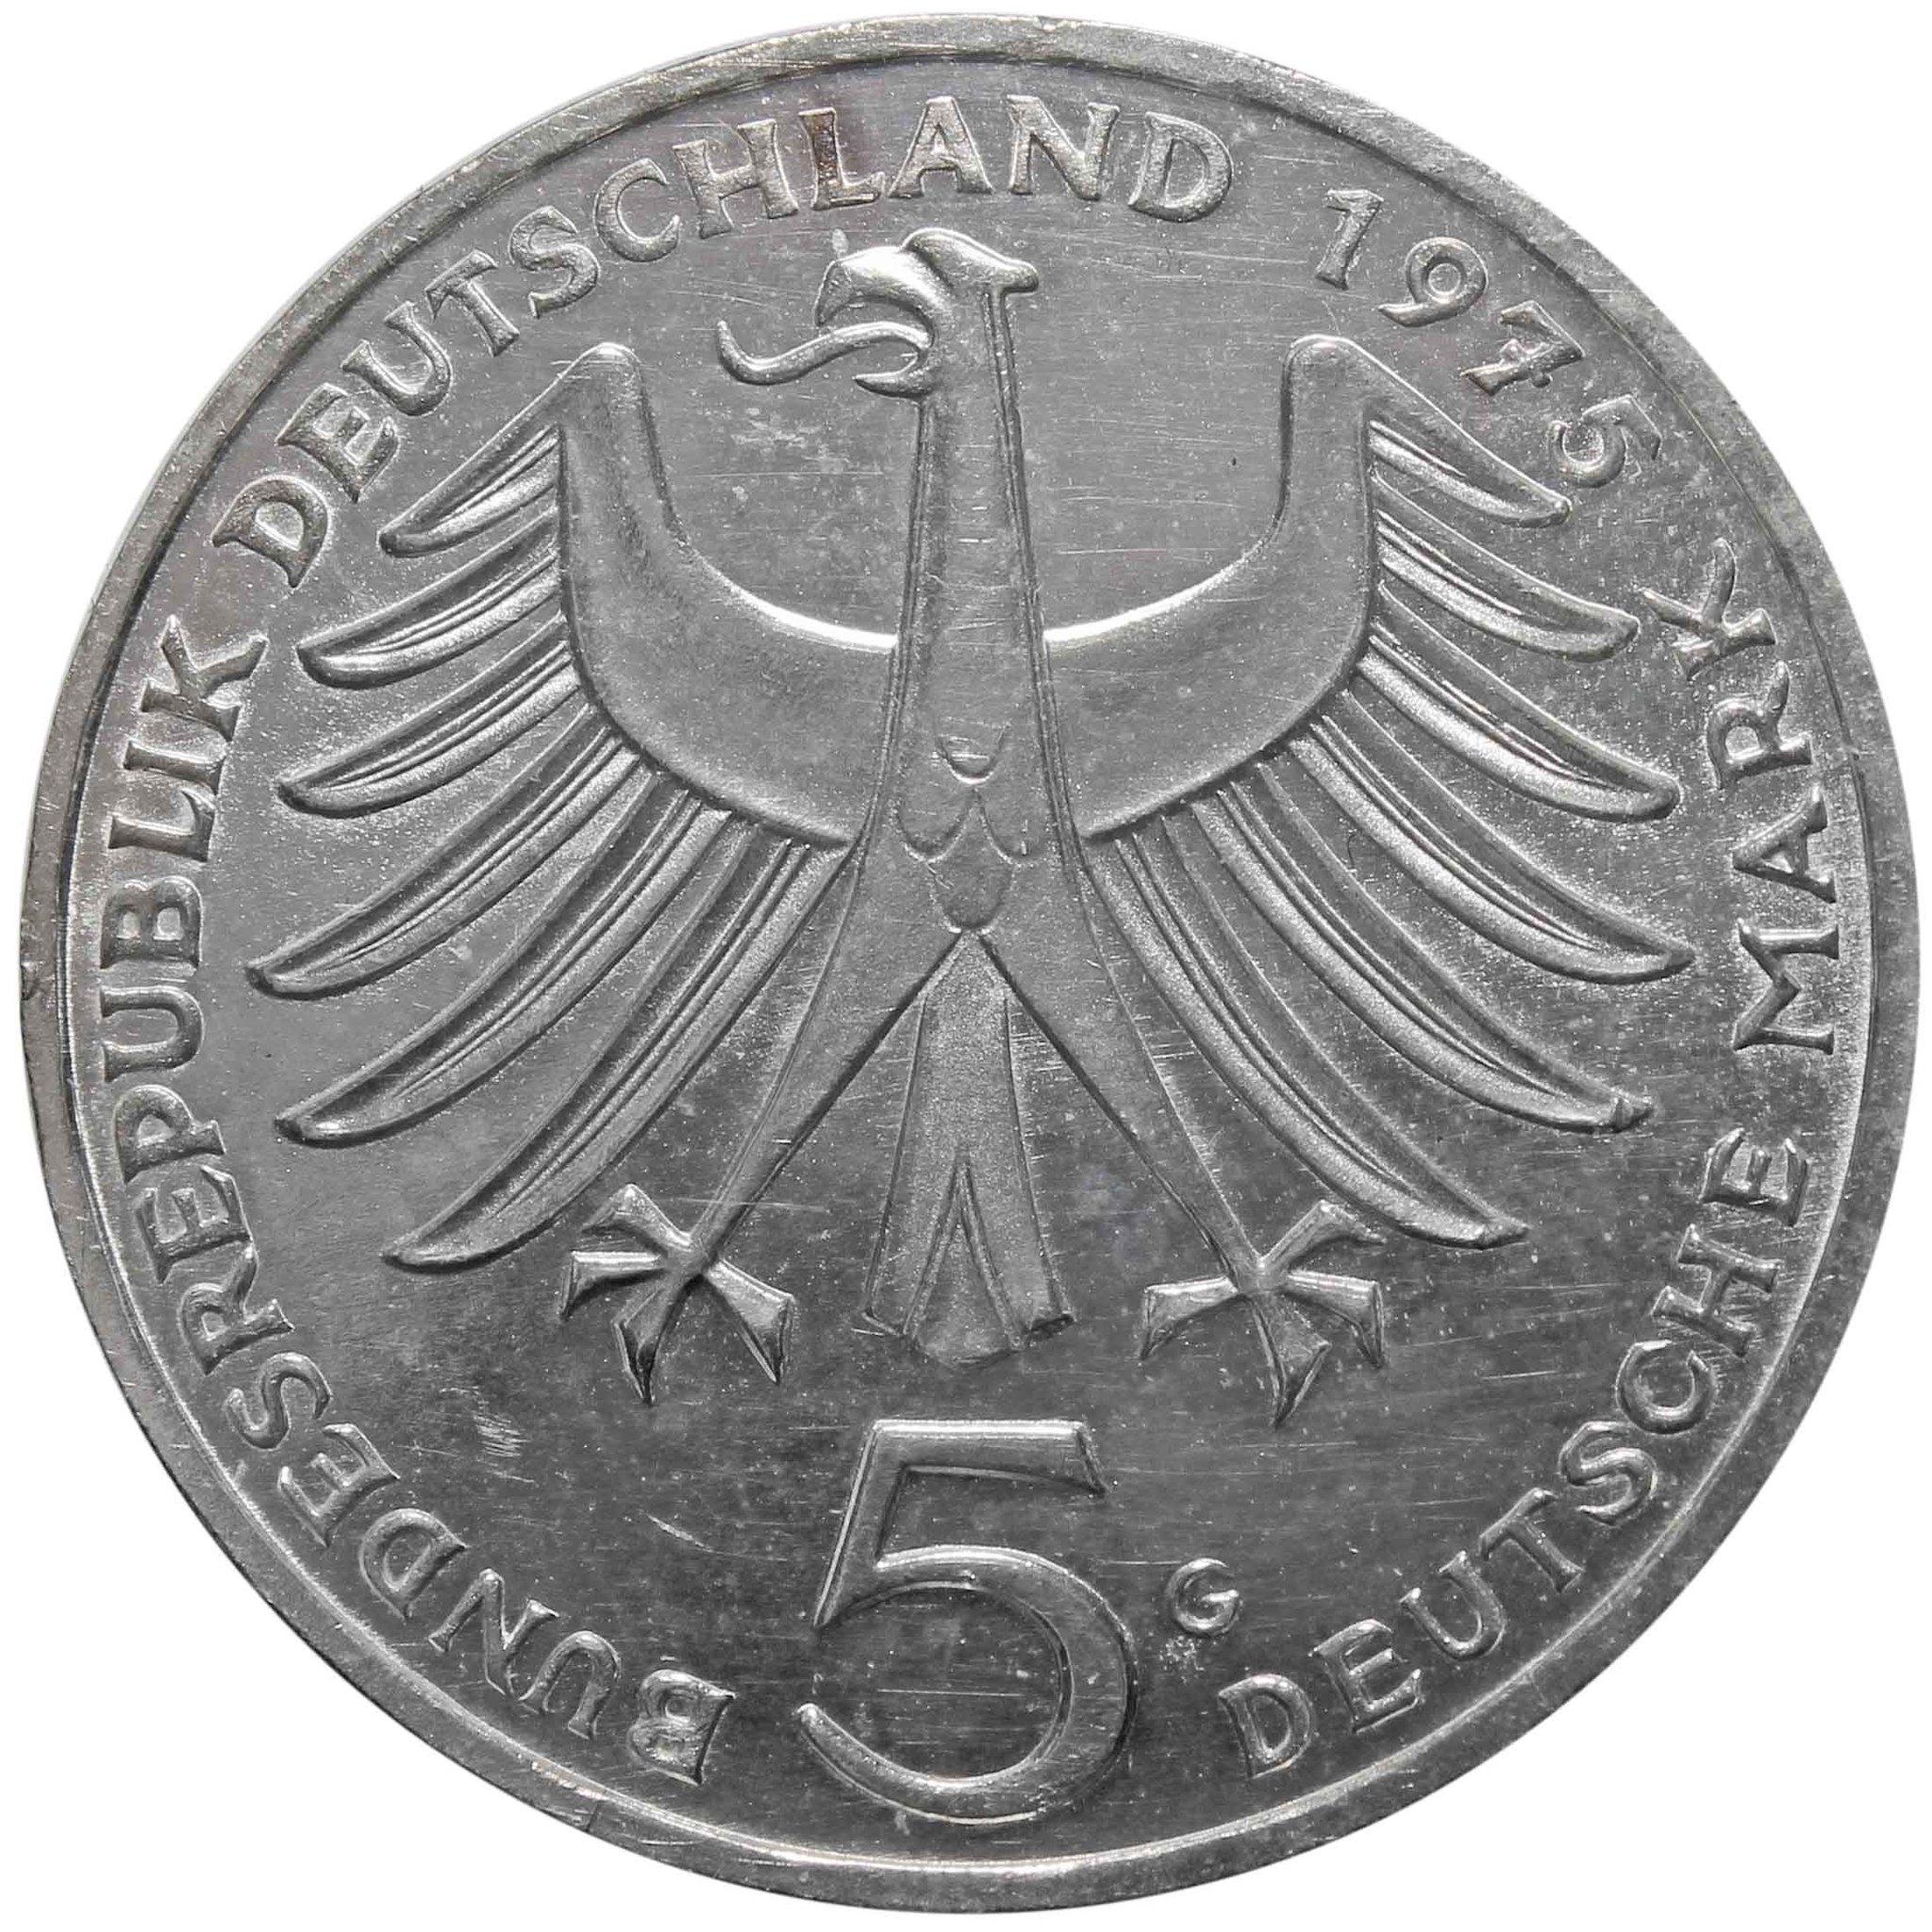 5 марок. 100 лет со дня рождения Альберта Швейцера. Германия. (G). Серебро. 1975 год. AU